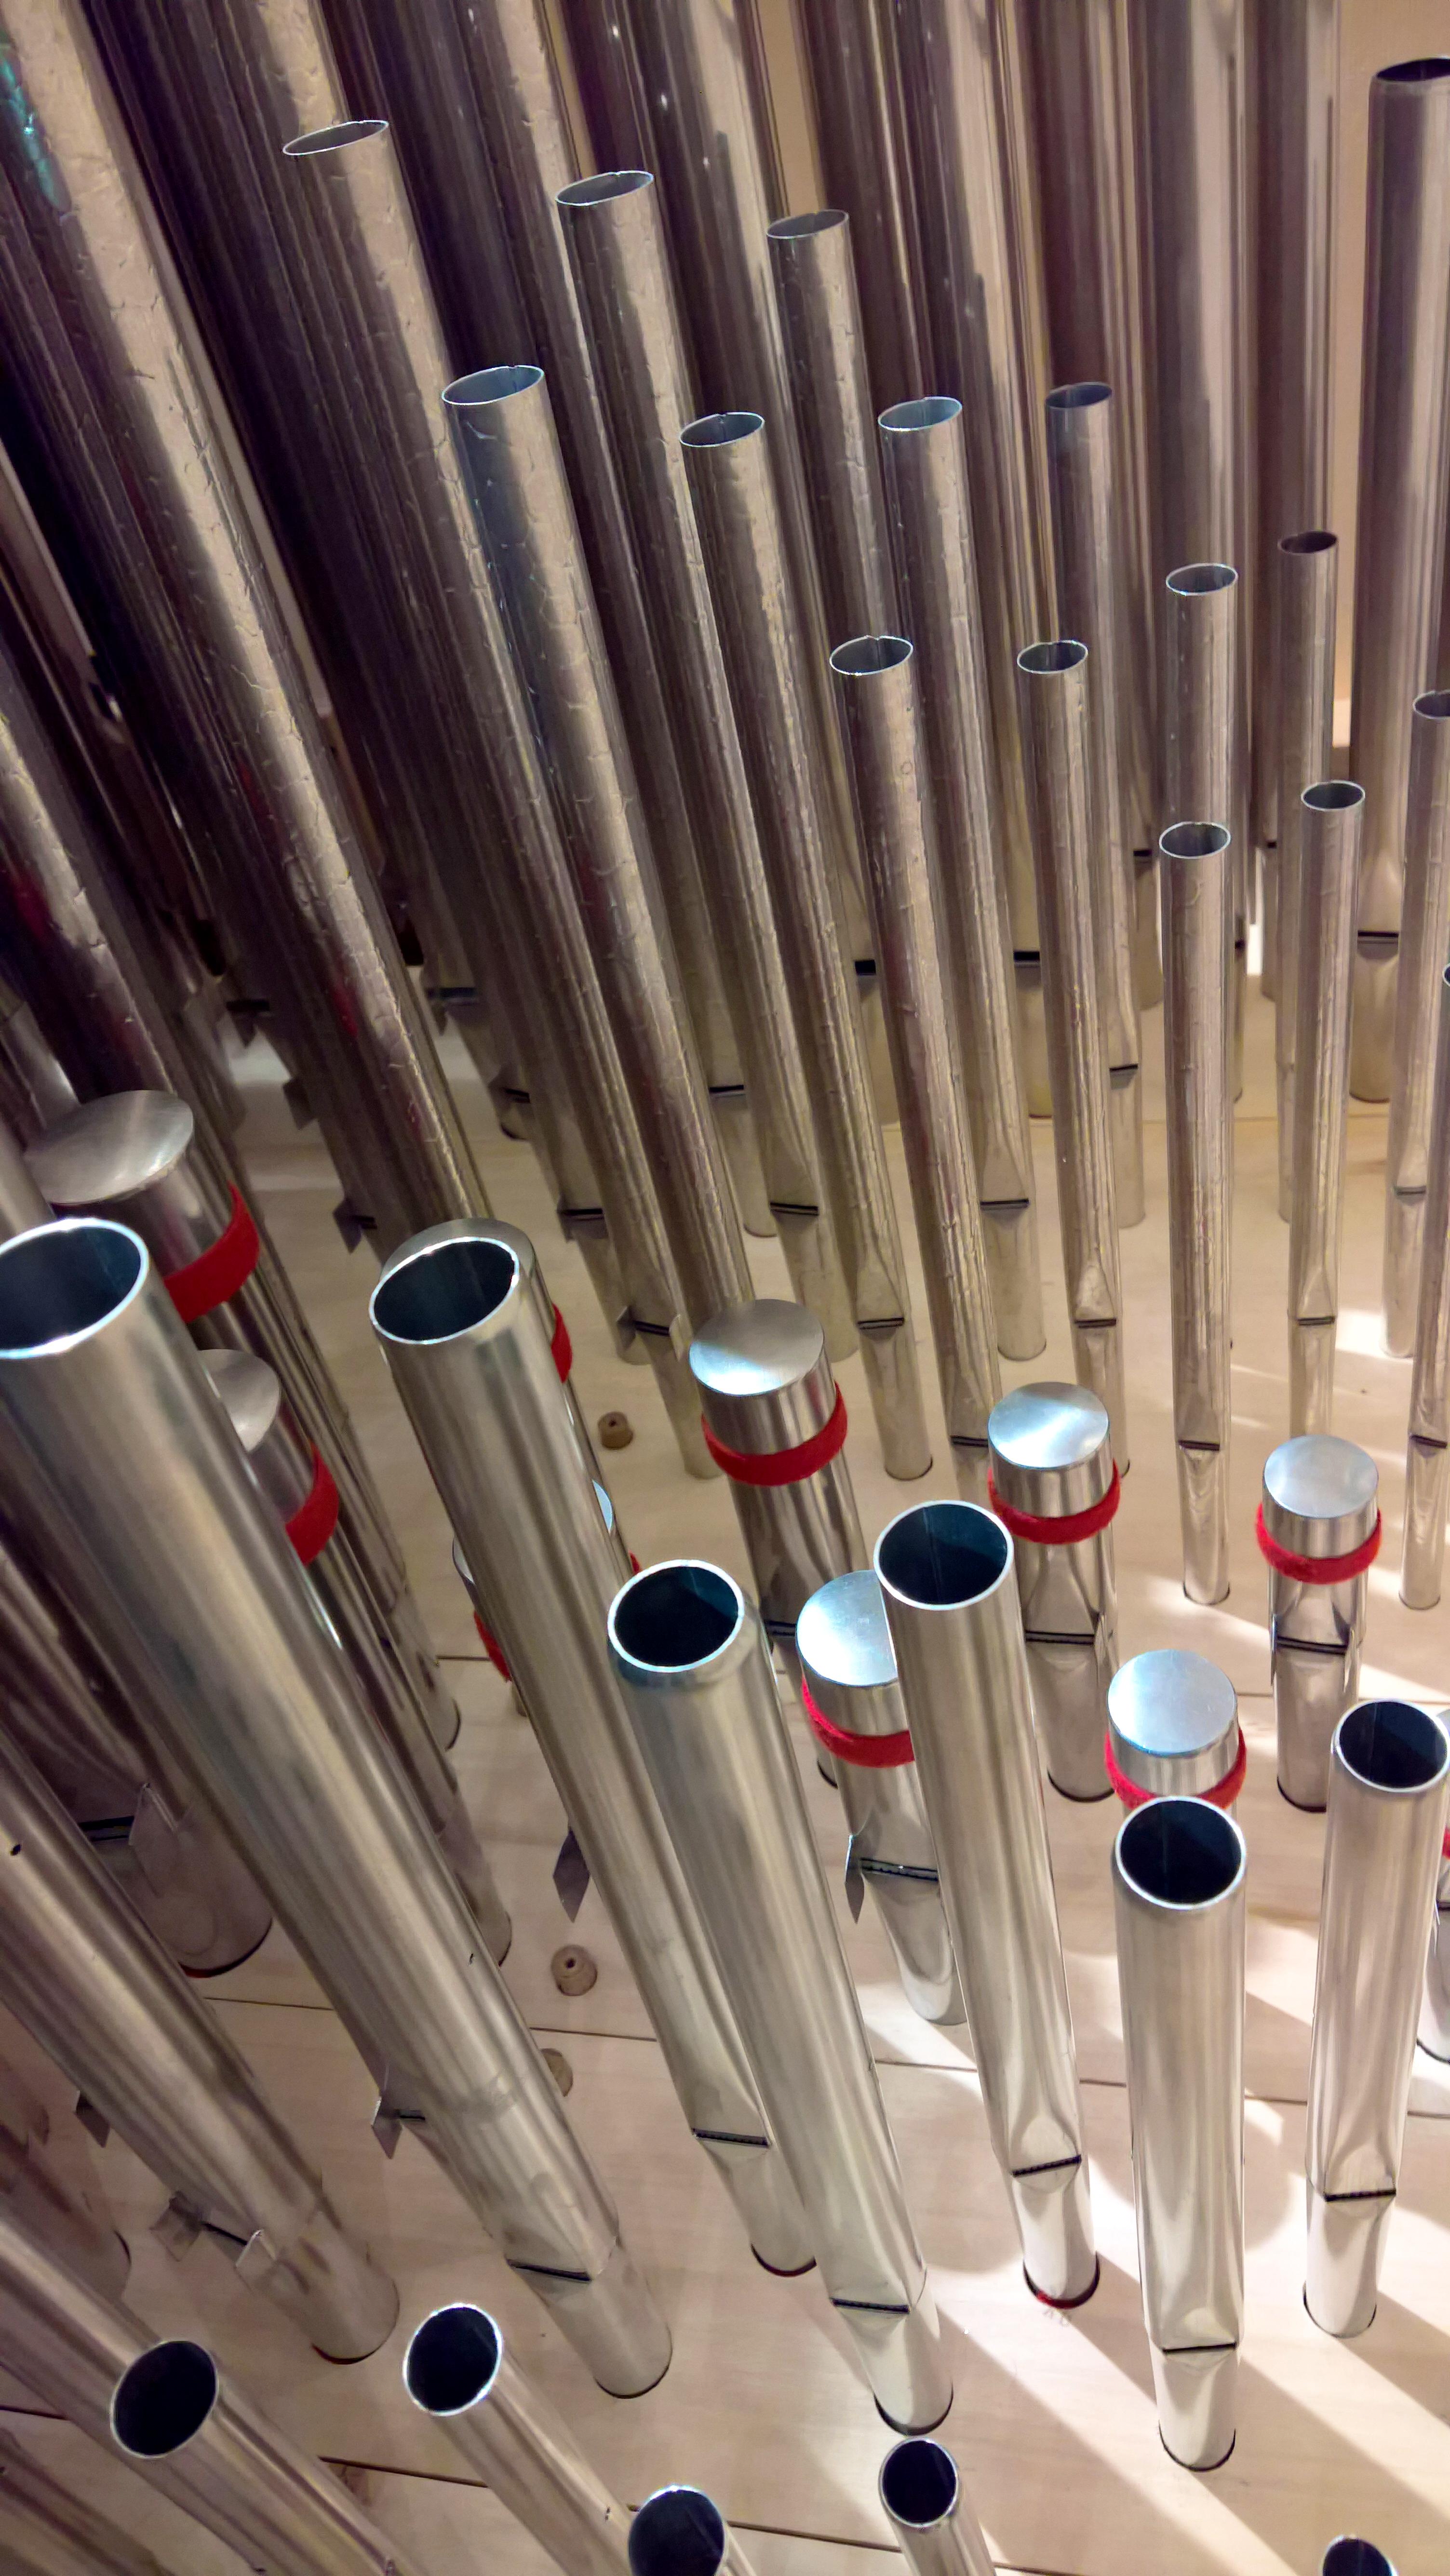 Canneggio dei fondi del recitativo dell'organo di Brione sopra Minusio (2017).